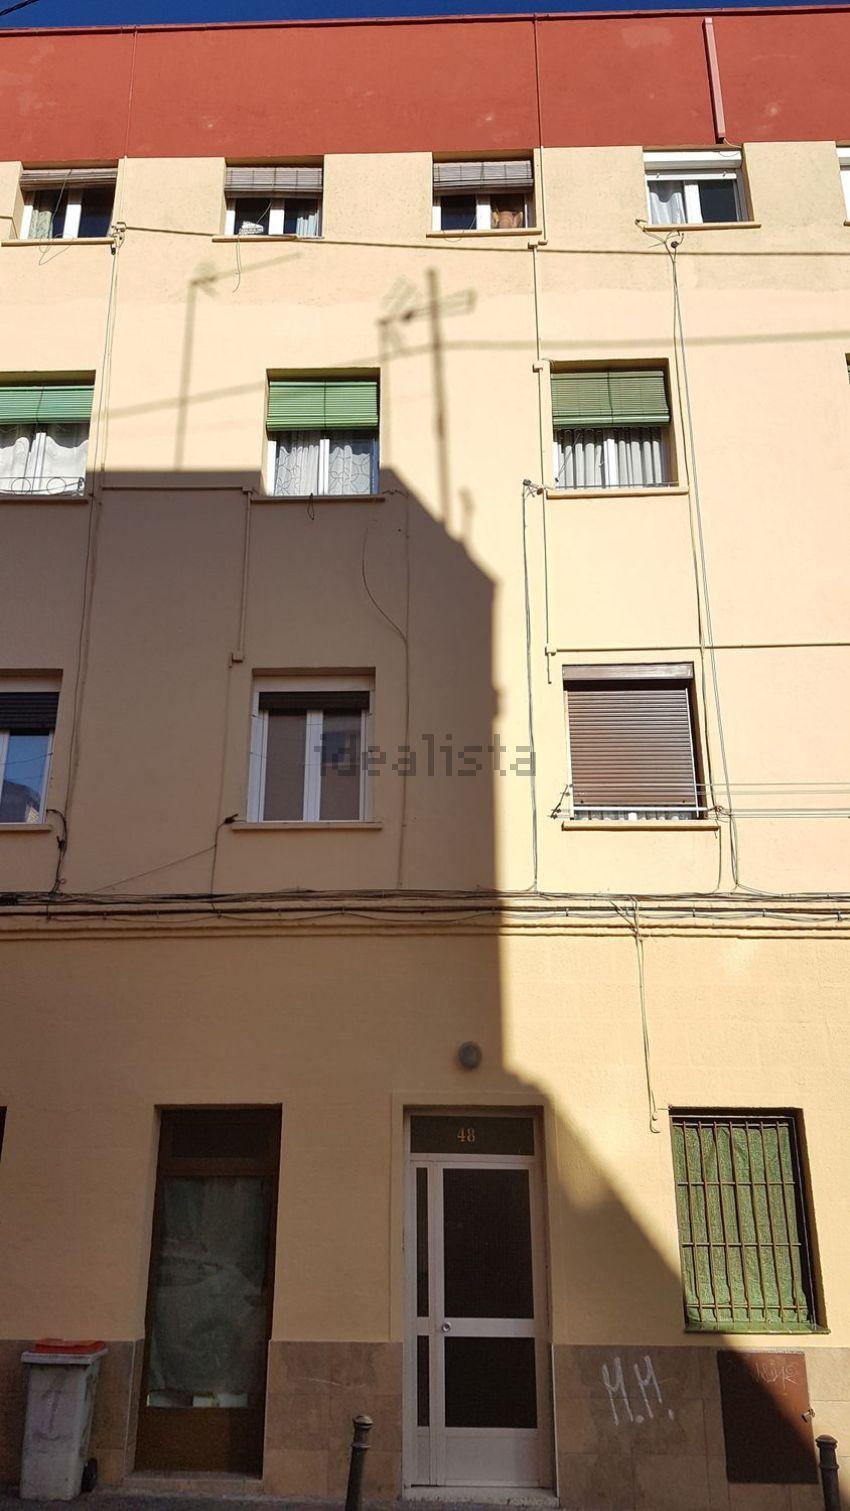 pisos alquiler usera